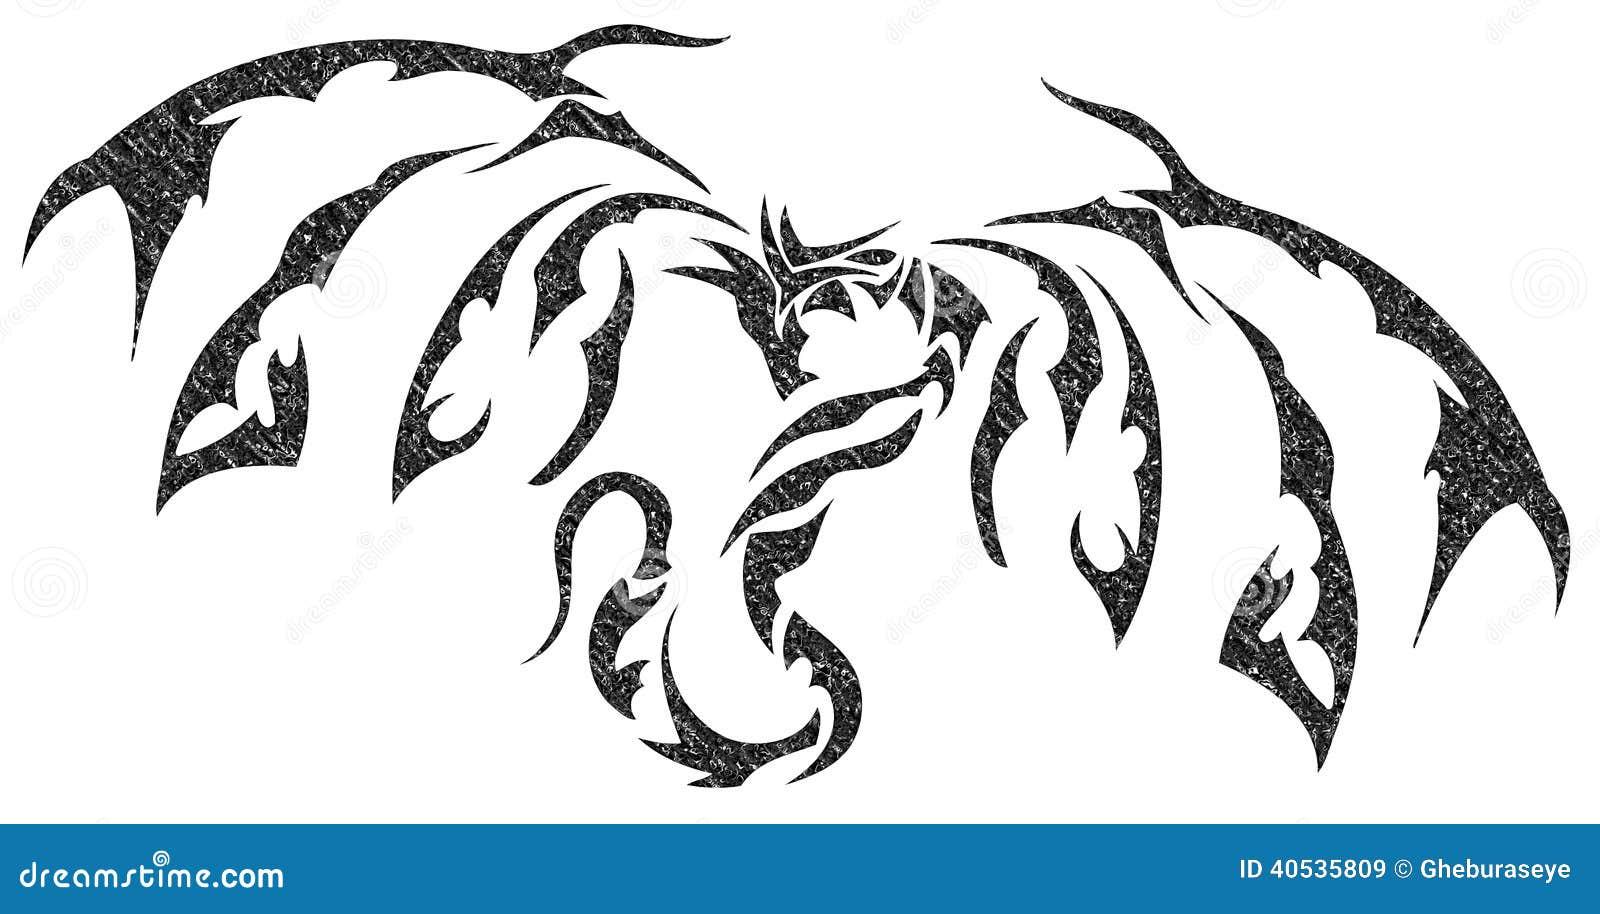 代表一条风格化龙的图象,能用作为纹身花刺.图片